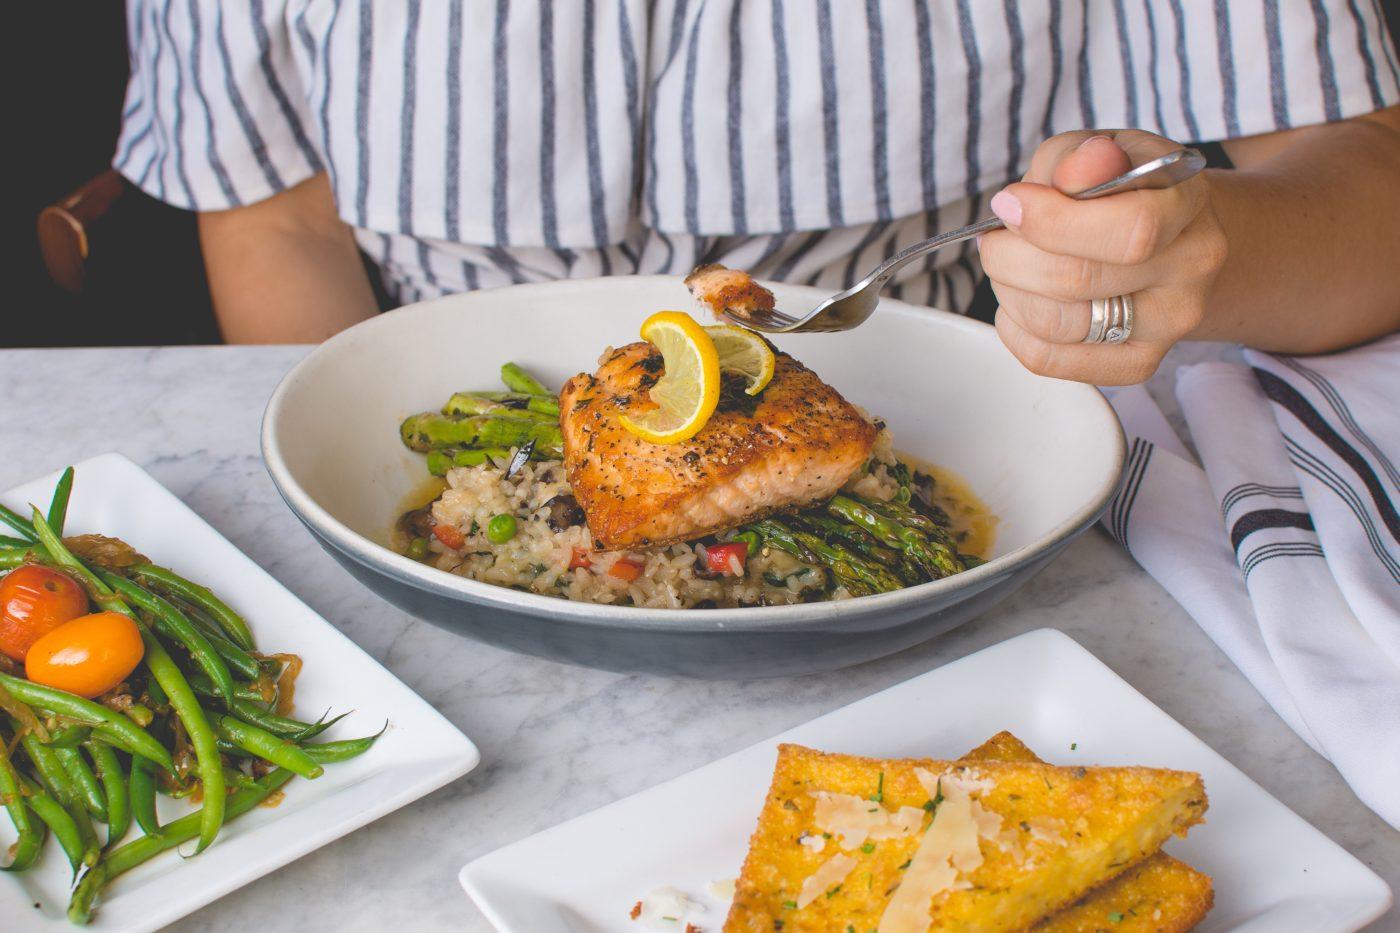 Conseils nutrition Uberti : Le déjeuner et le dîner